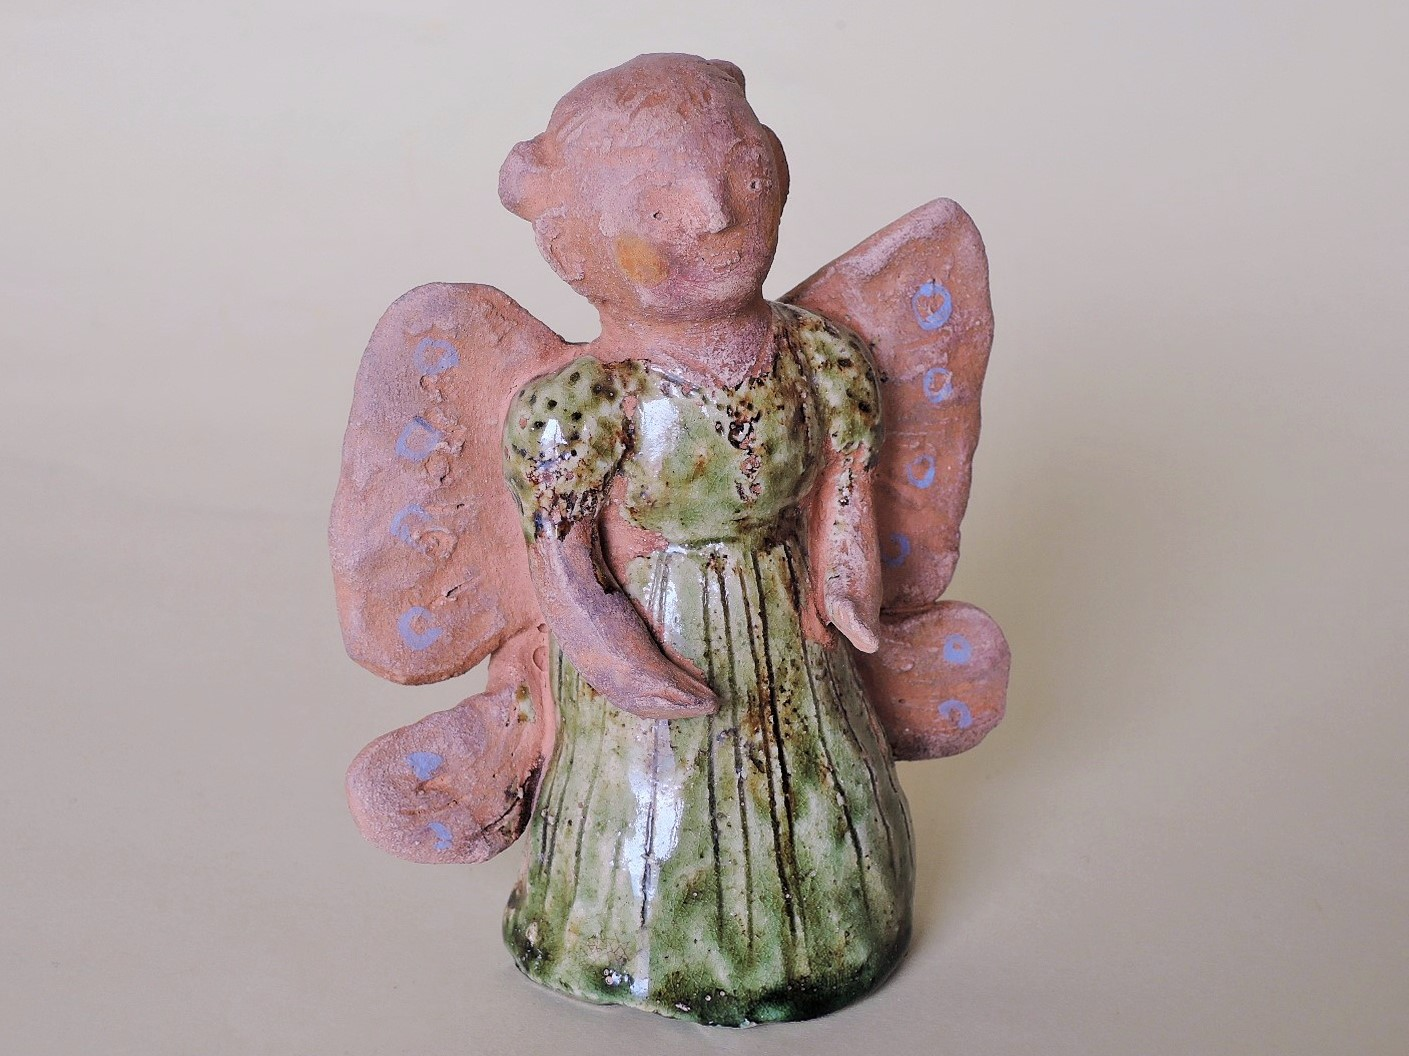 濱比嘉詩子さんの陶人形 蝶々